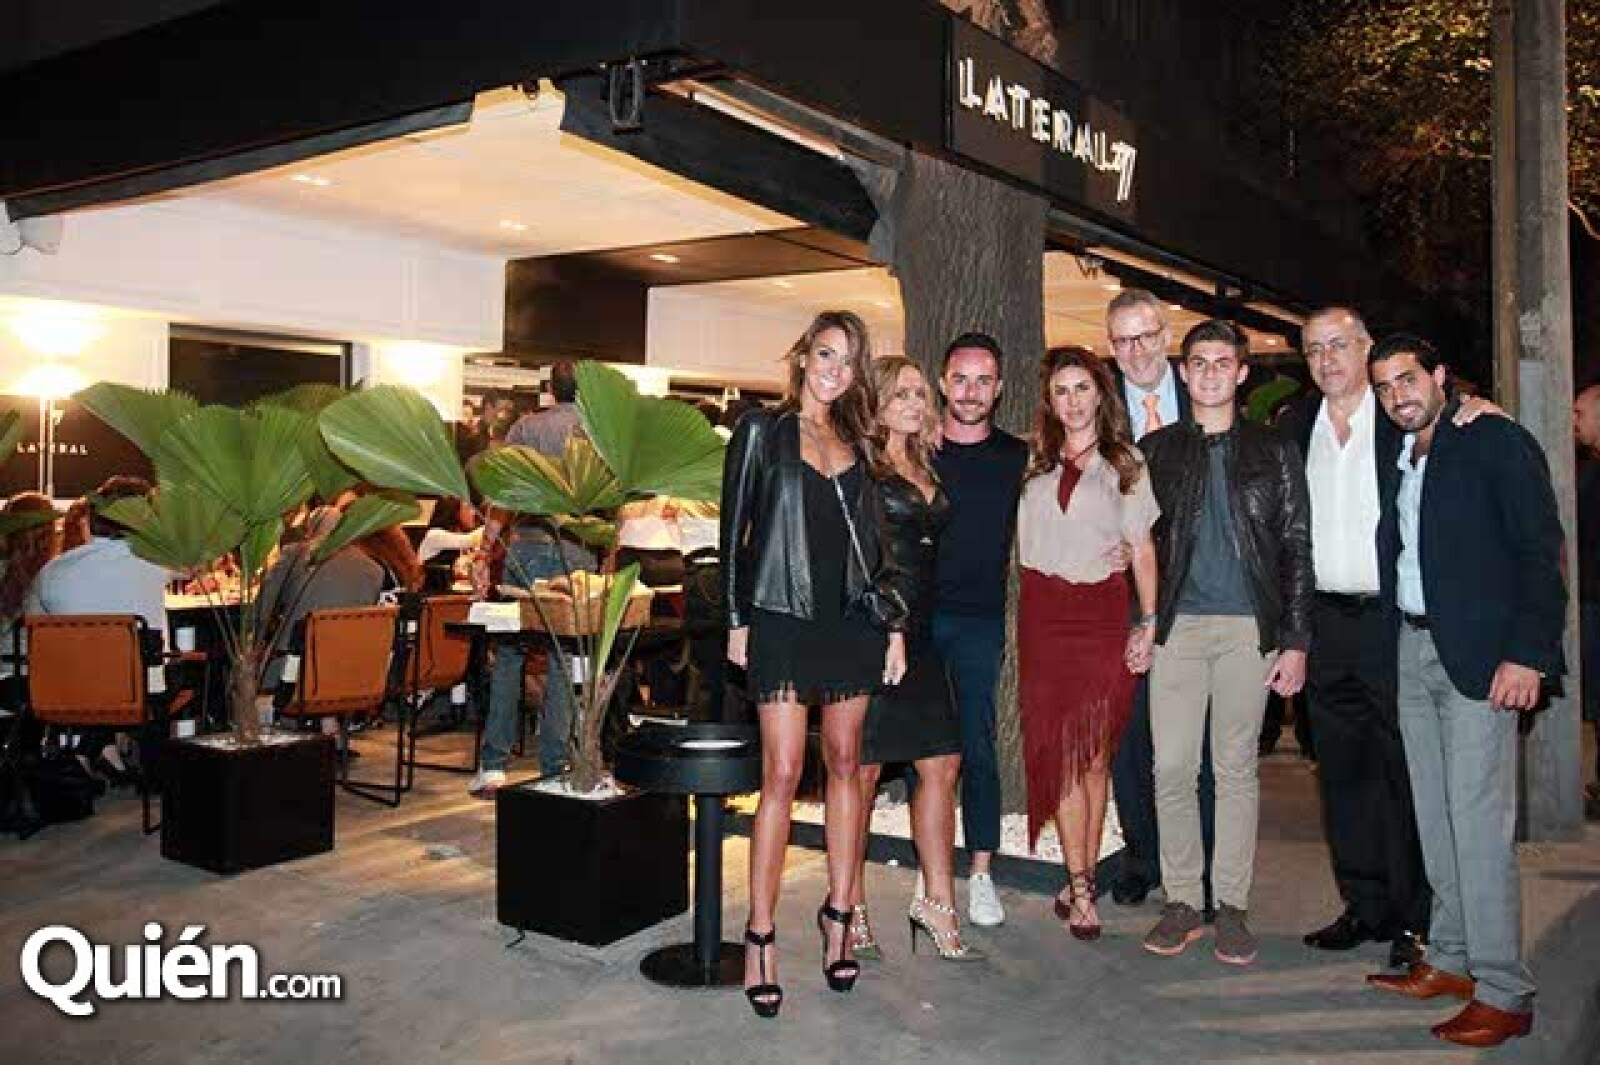 Roberta Hakim,Carmen Morfin,Antoine Ratigan,Alejandra Fountanet,Pepe Tabasnich,Niko Saad con Carlos y Carlos Hakim